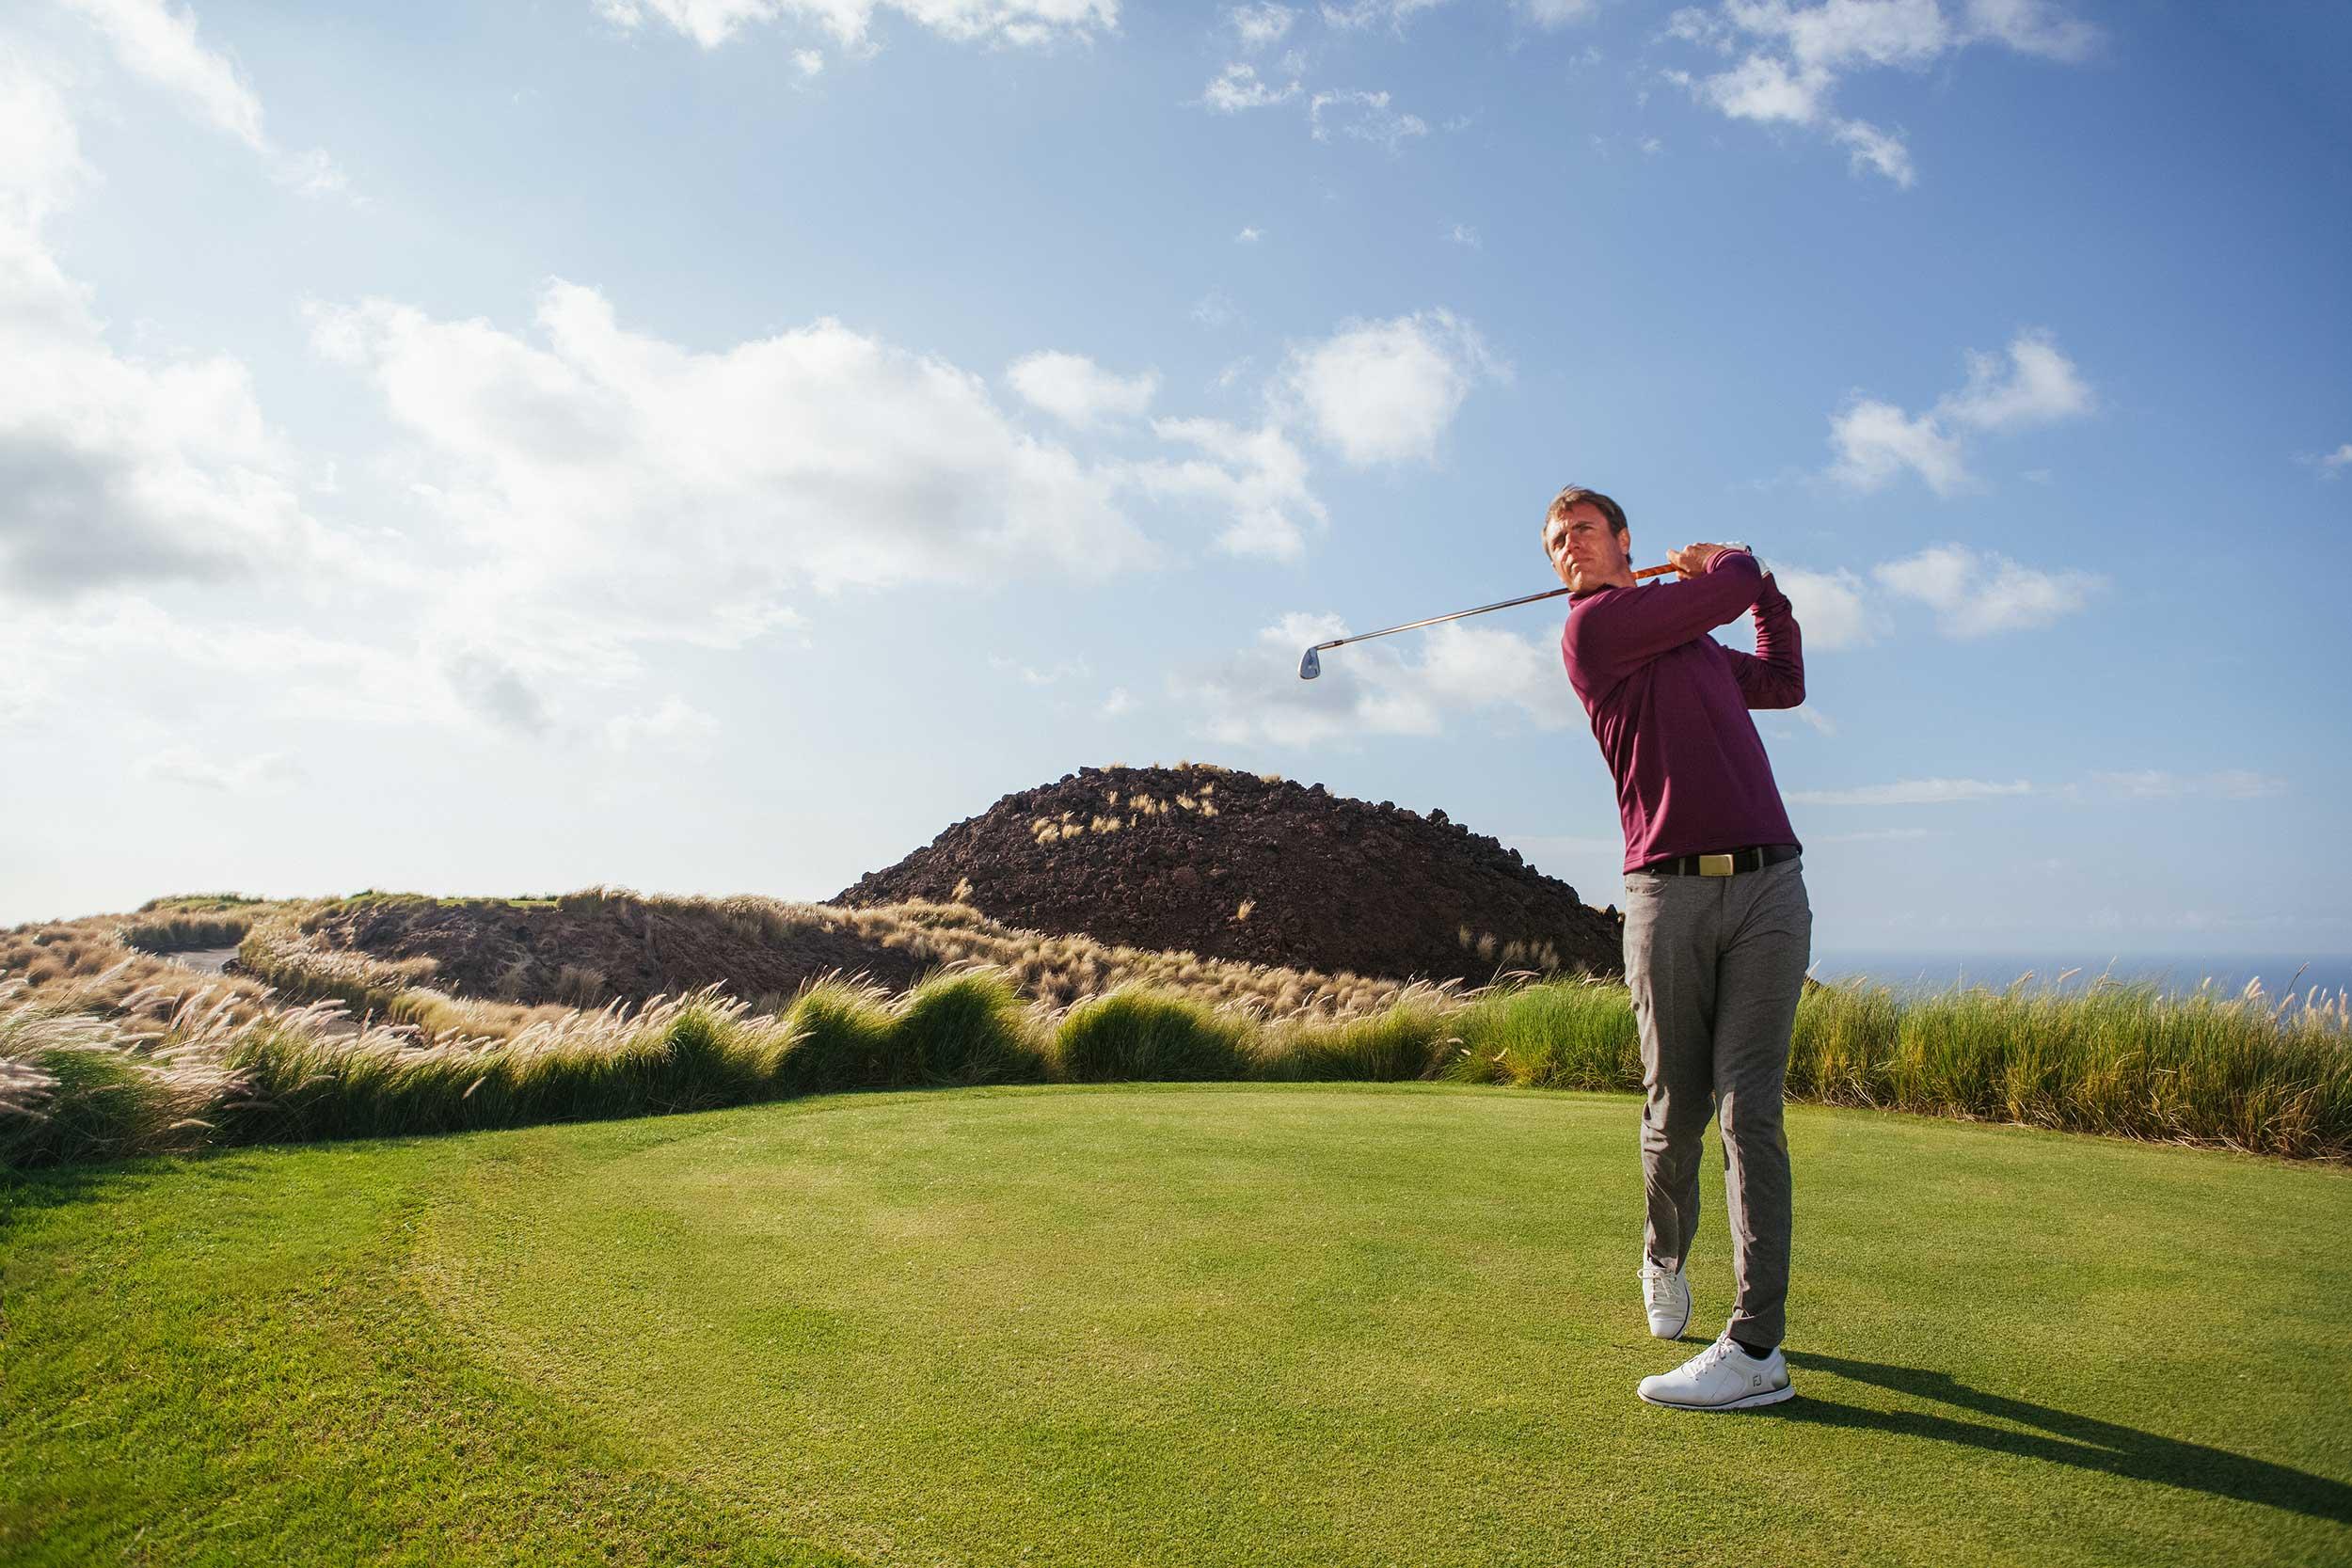 Dunning-Golf-Hawaii-21